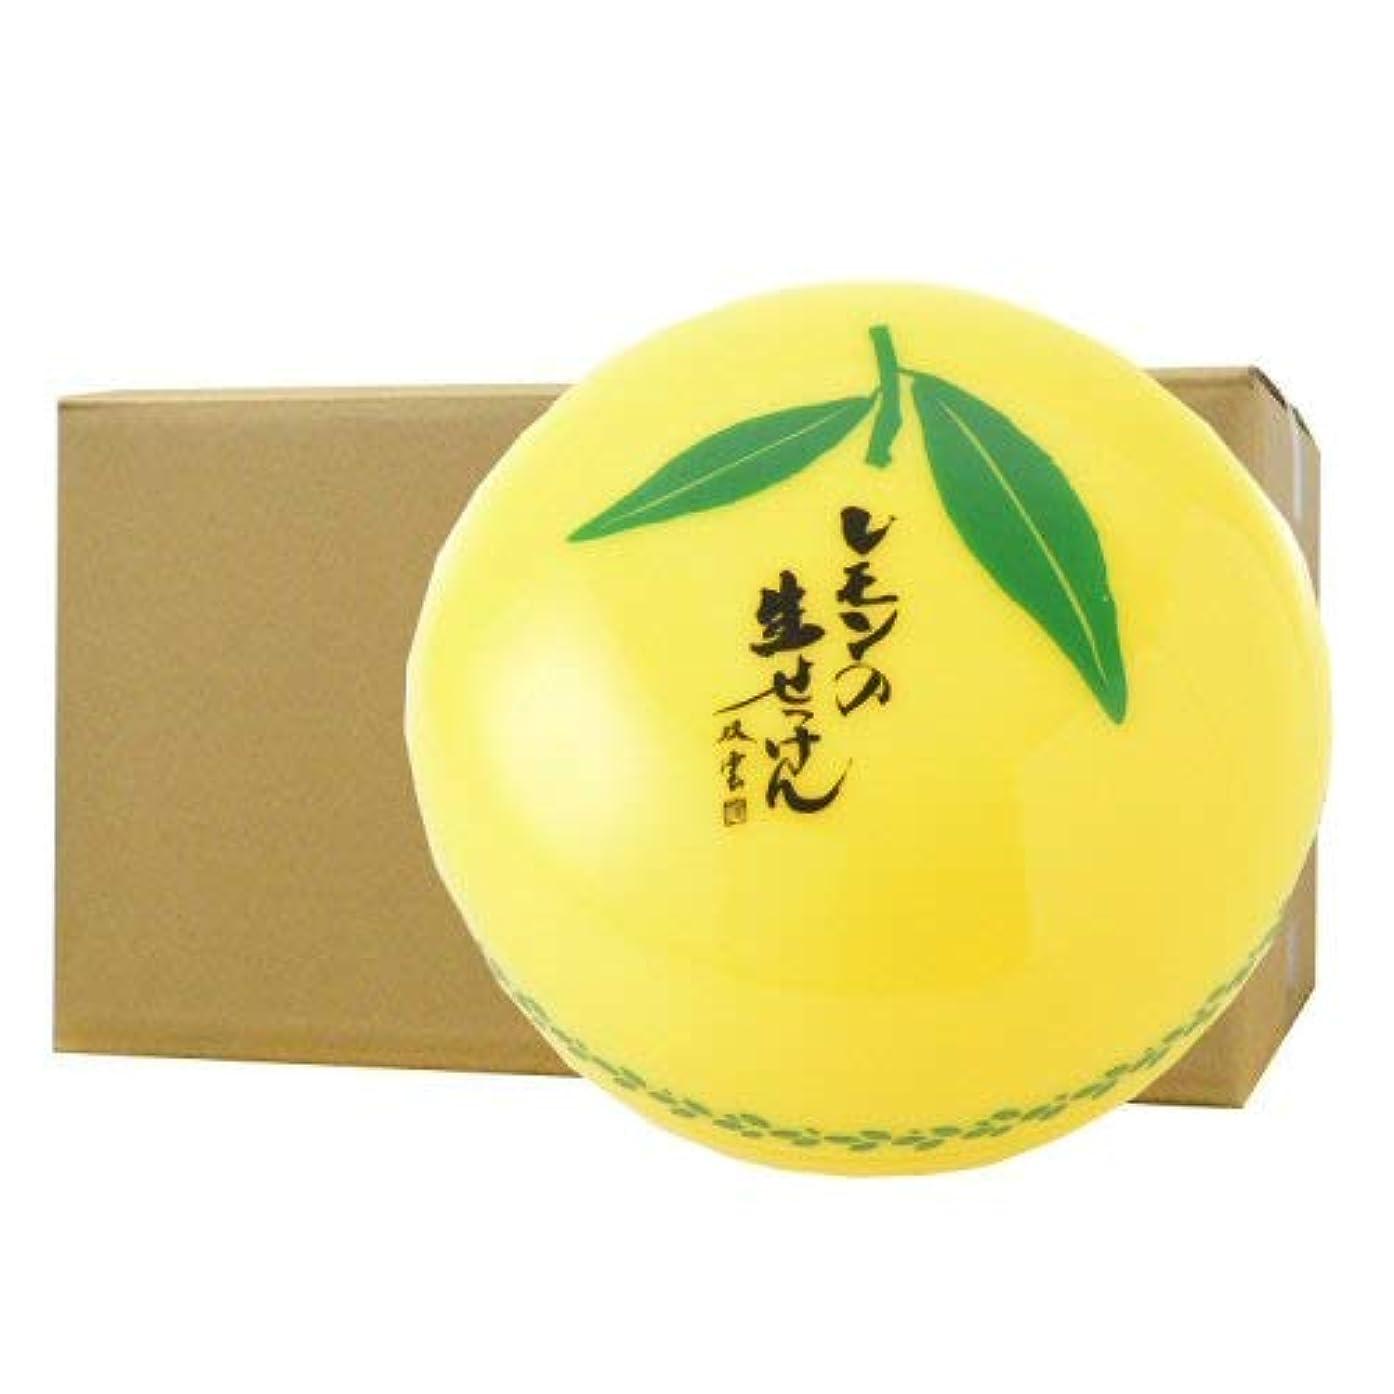 ガチョウ胚認可美香柑 レモンの生せっけん 洗顔石けん 無添加 スパチュラ?泡立てネット付 大容量 120g×24個ケース